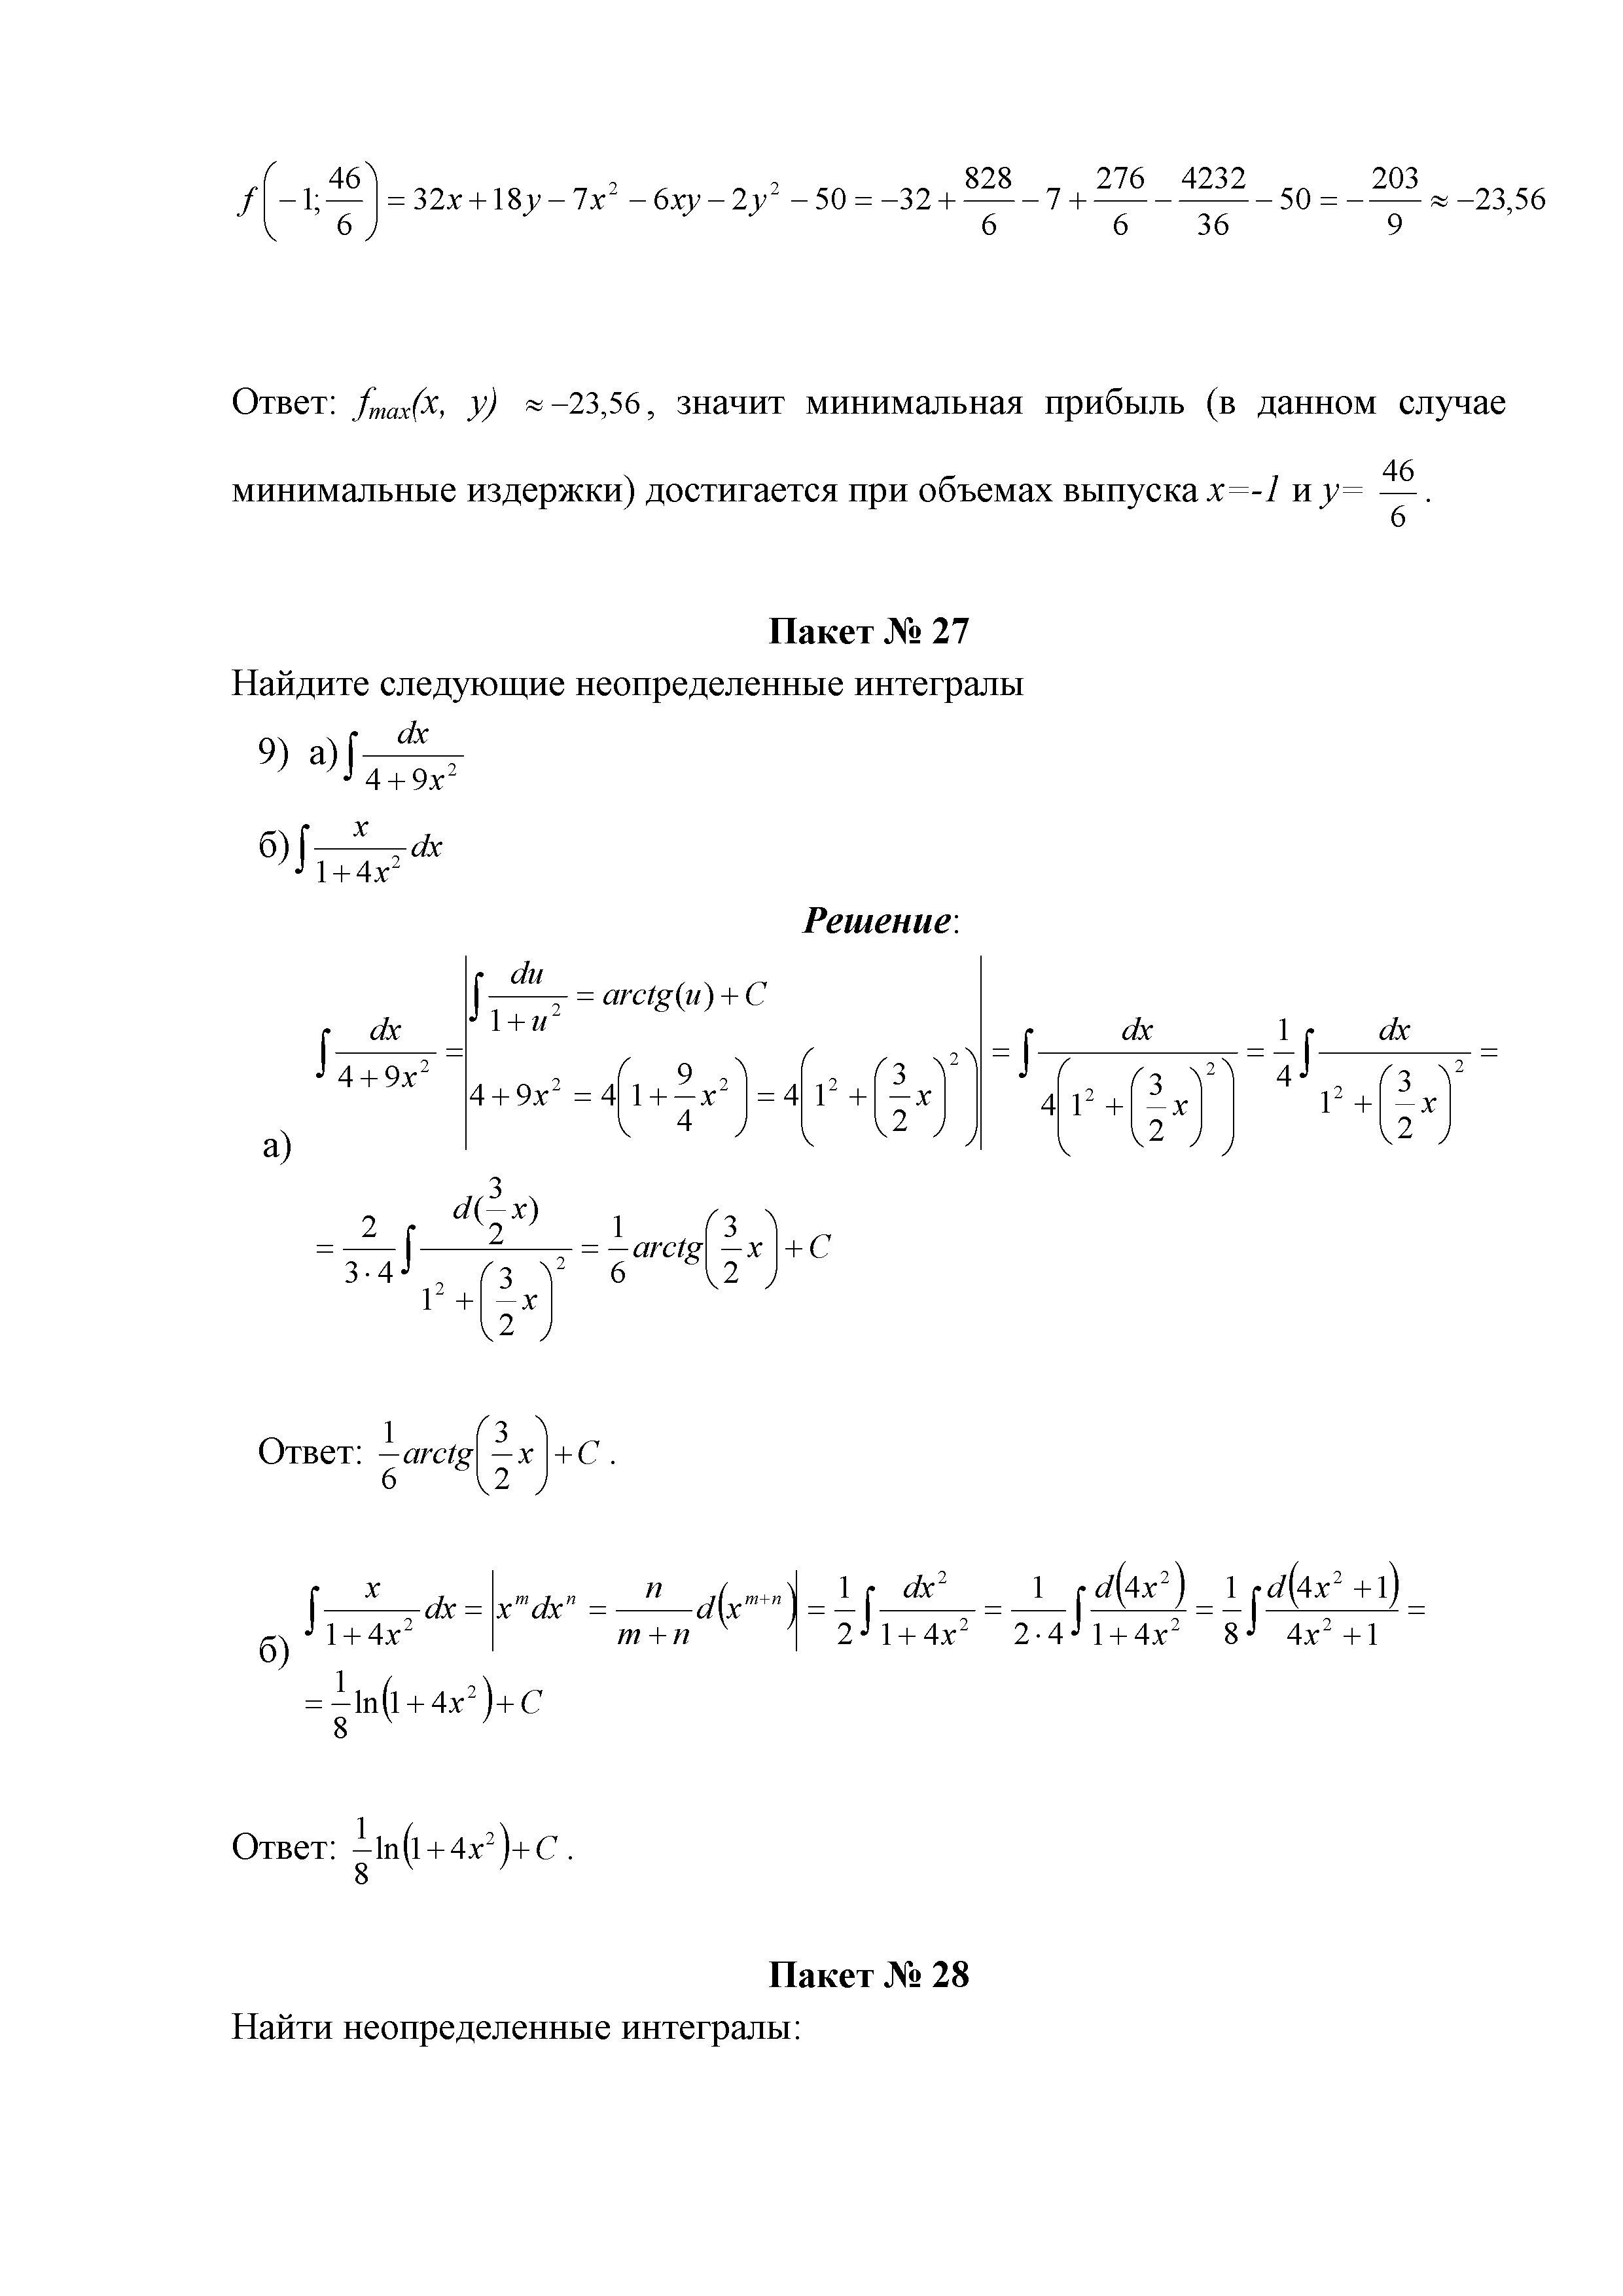 Задачи для контрольной работы по курсу финансовая математика 151